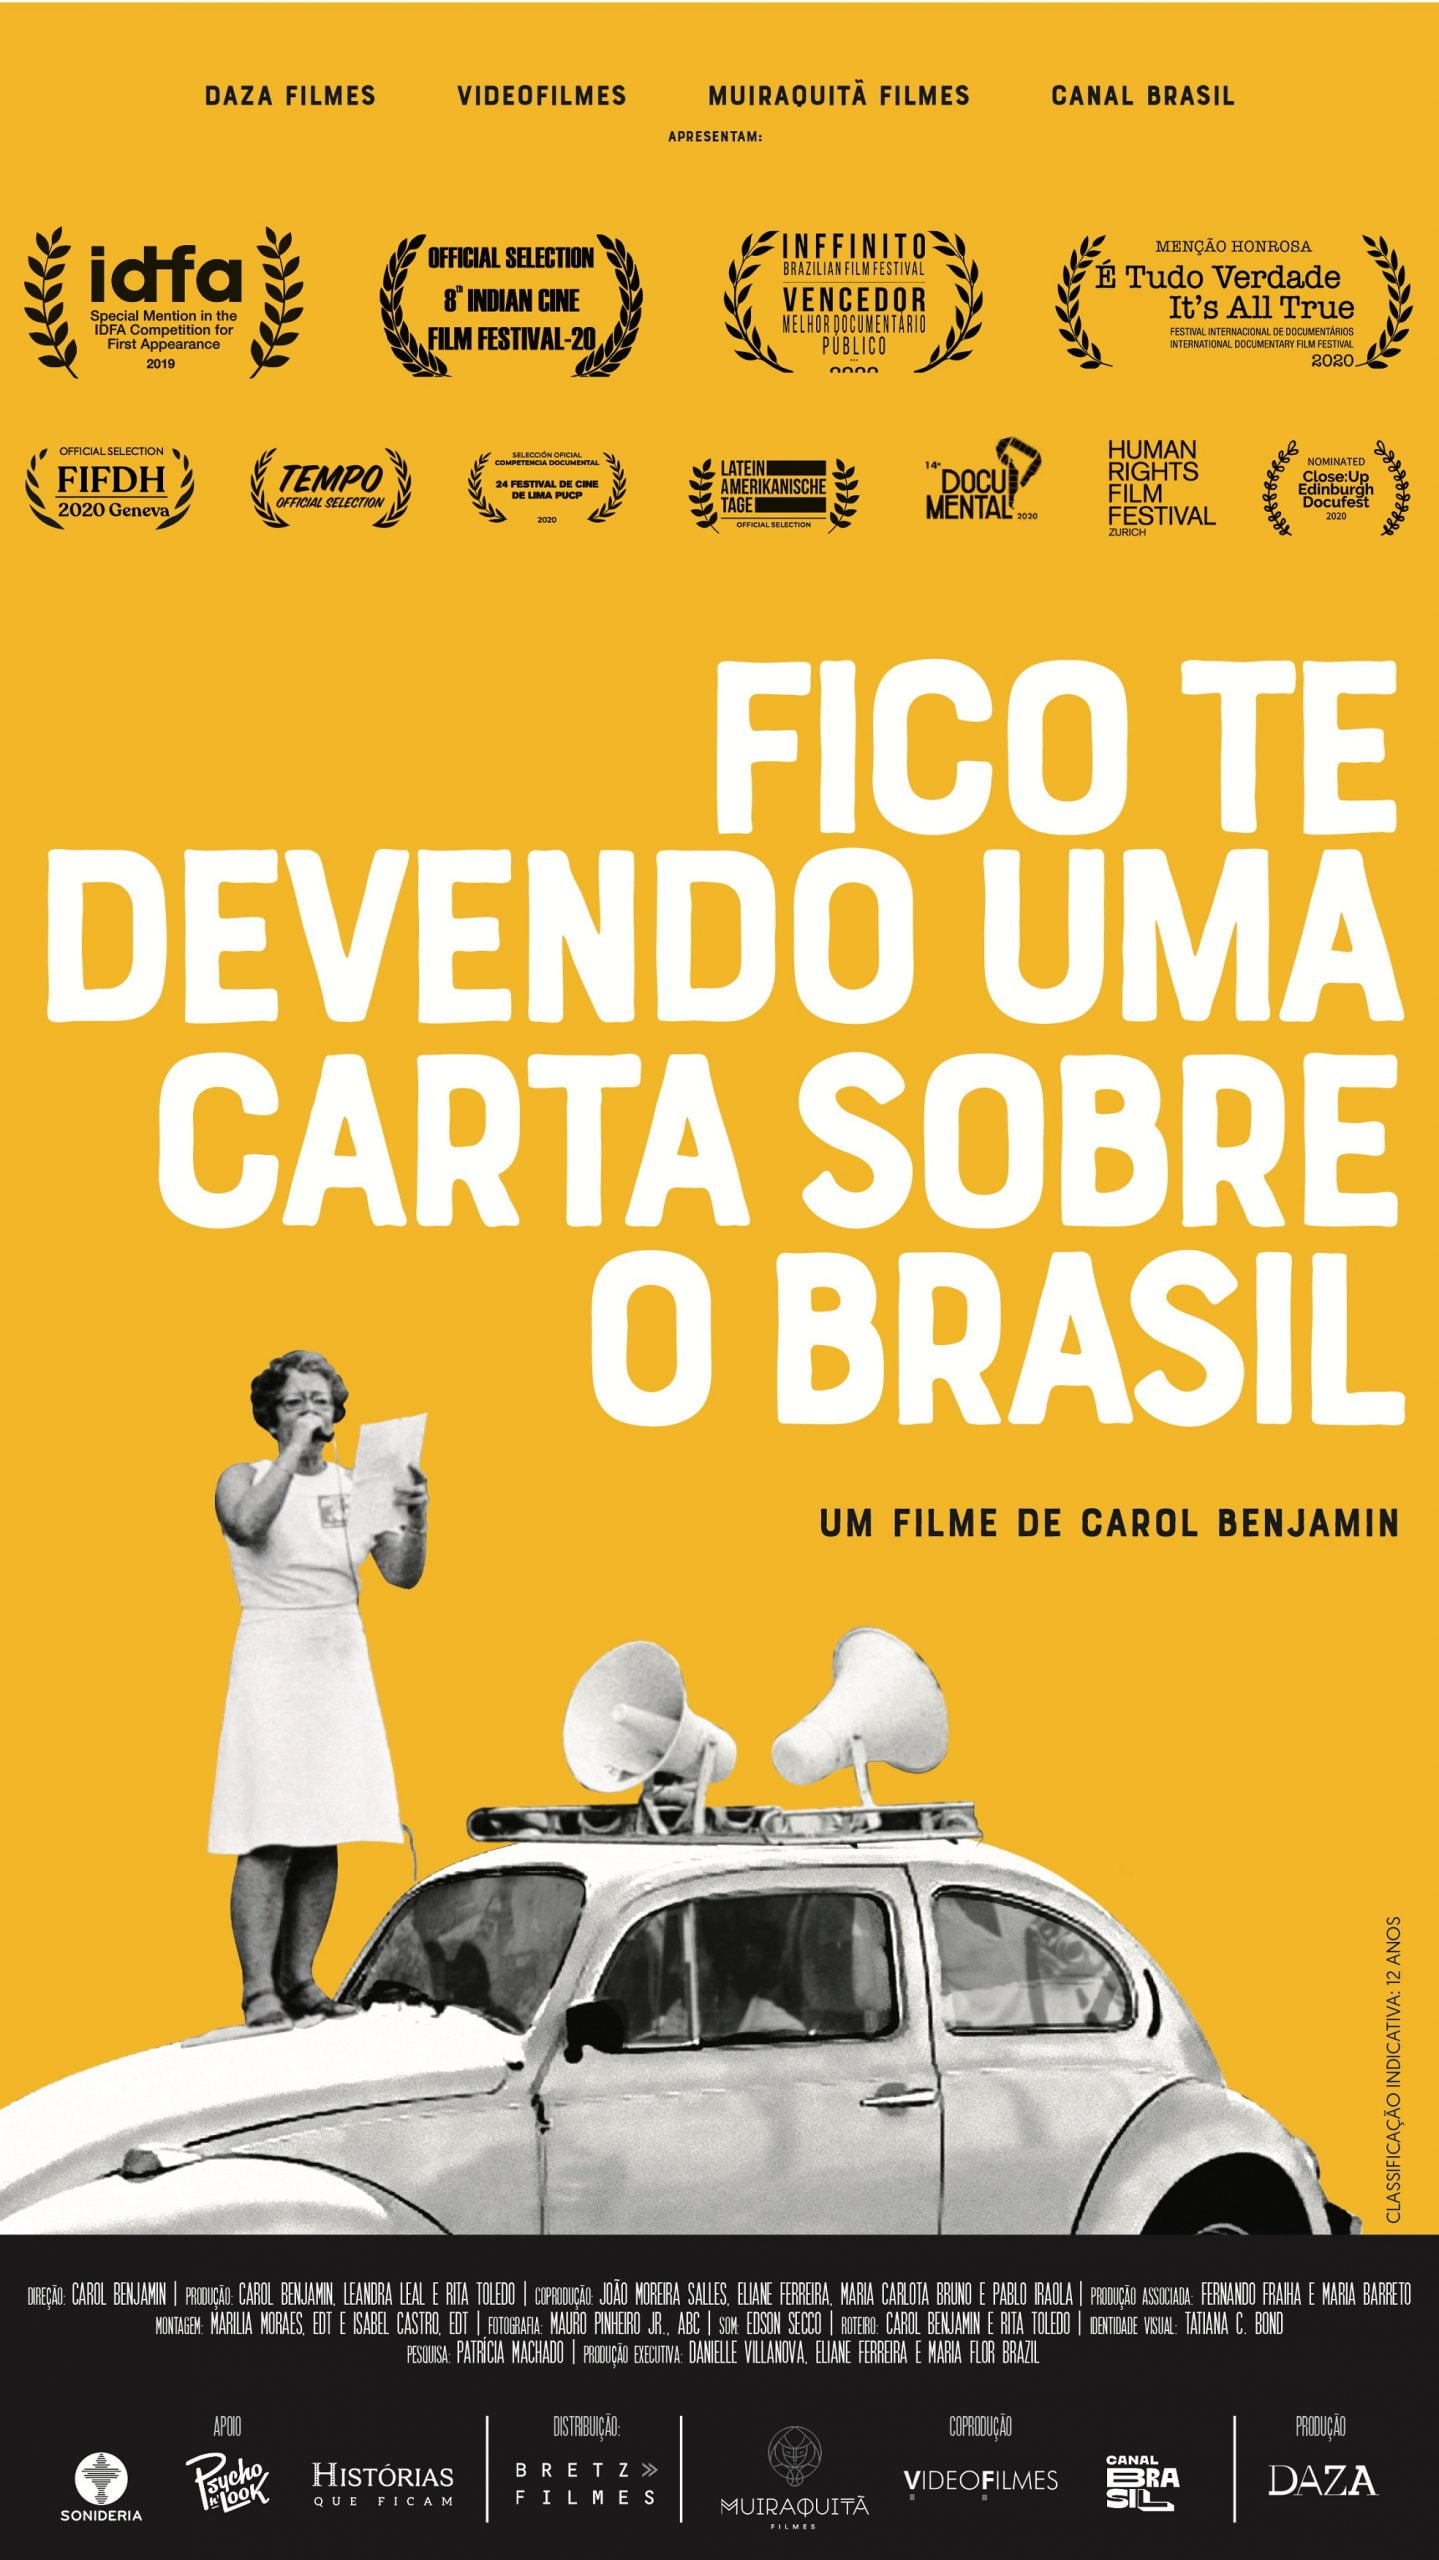 Fico te devendo uma carta sobre o Brasil